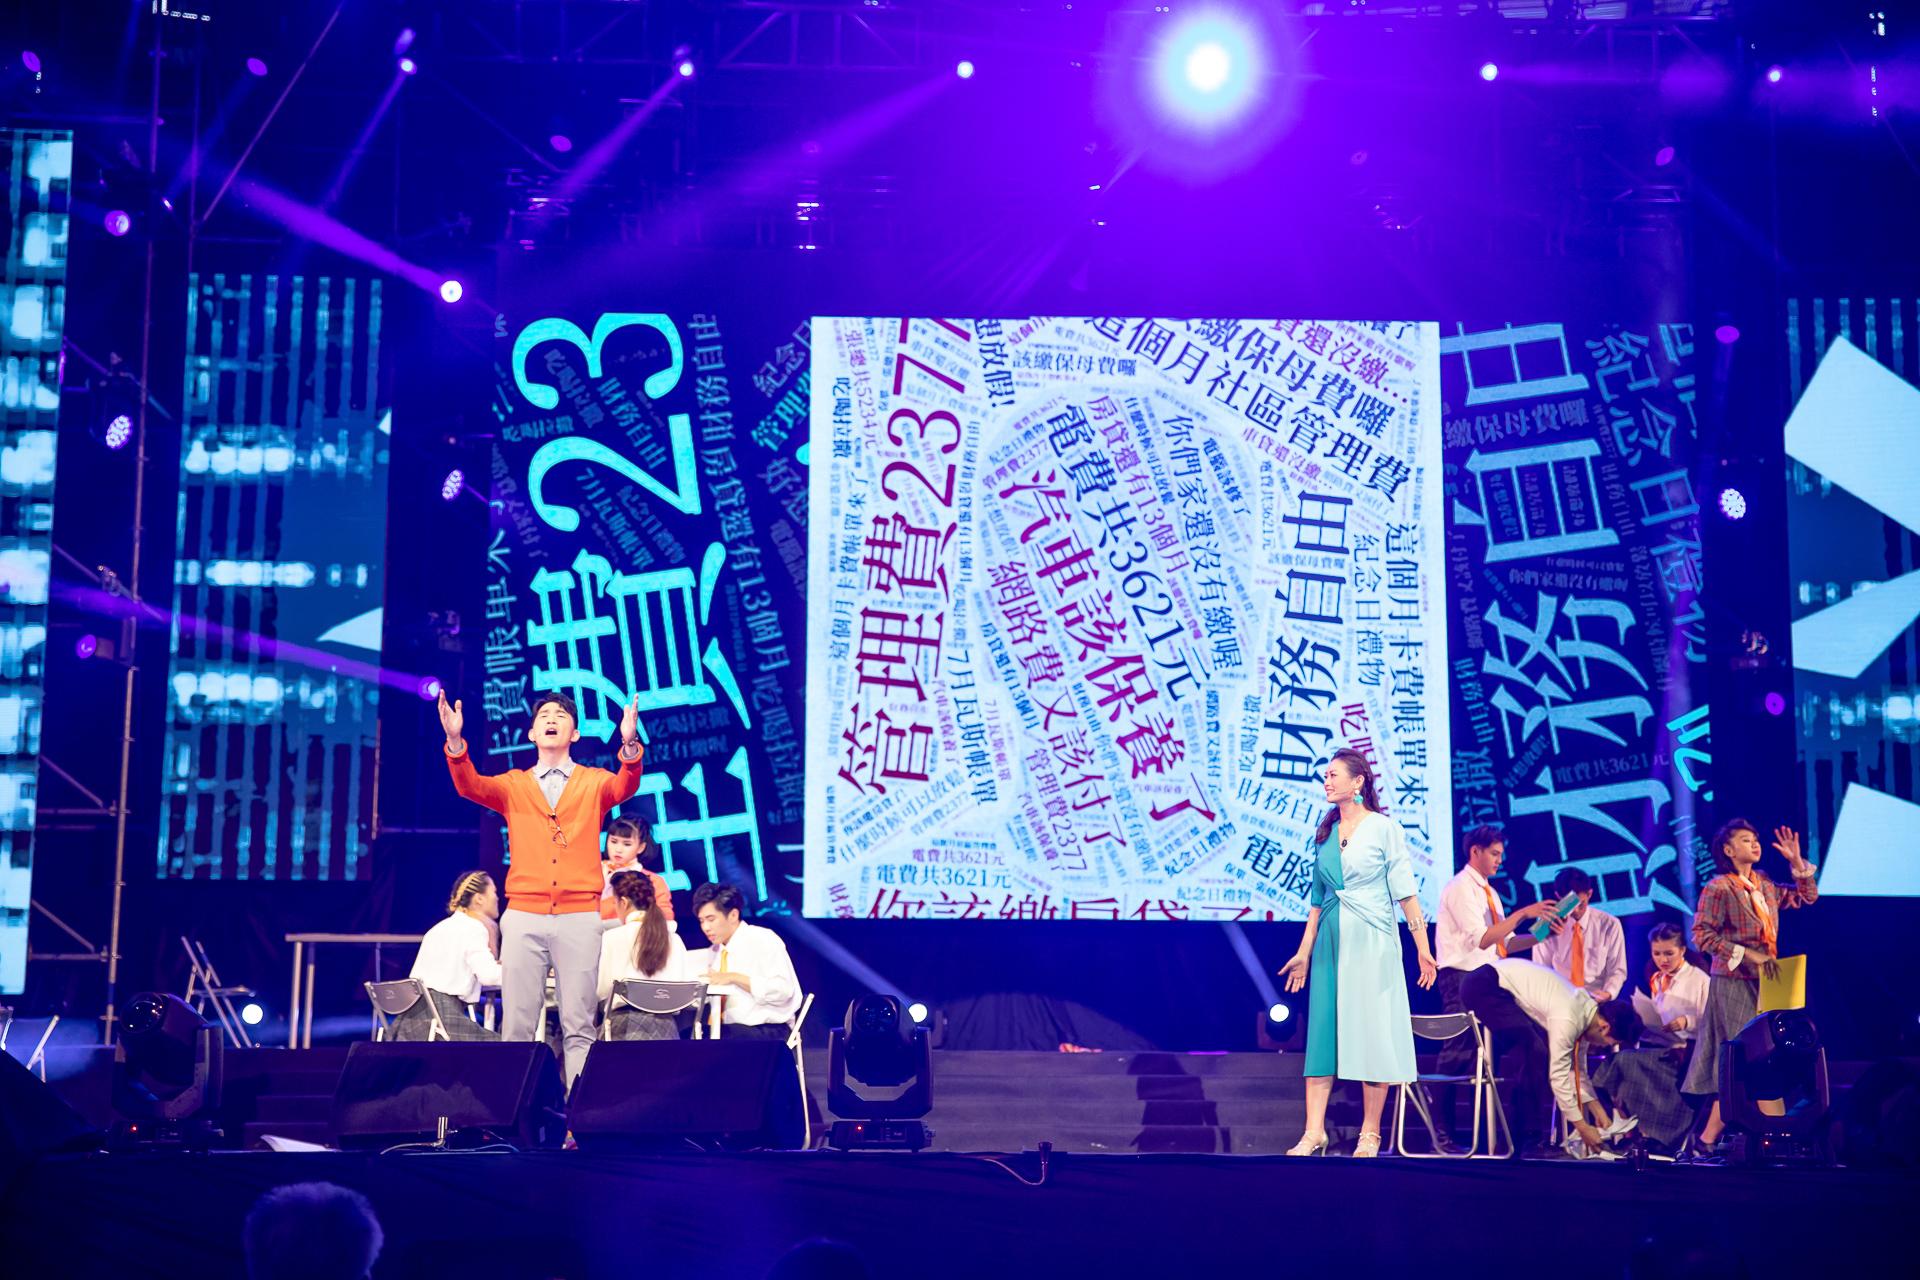 [活動攝影]全美世界14週年慶暨表揚大會-即時攝影